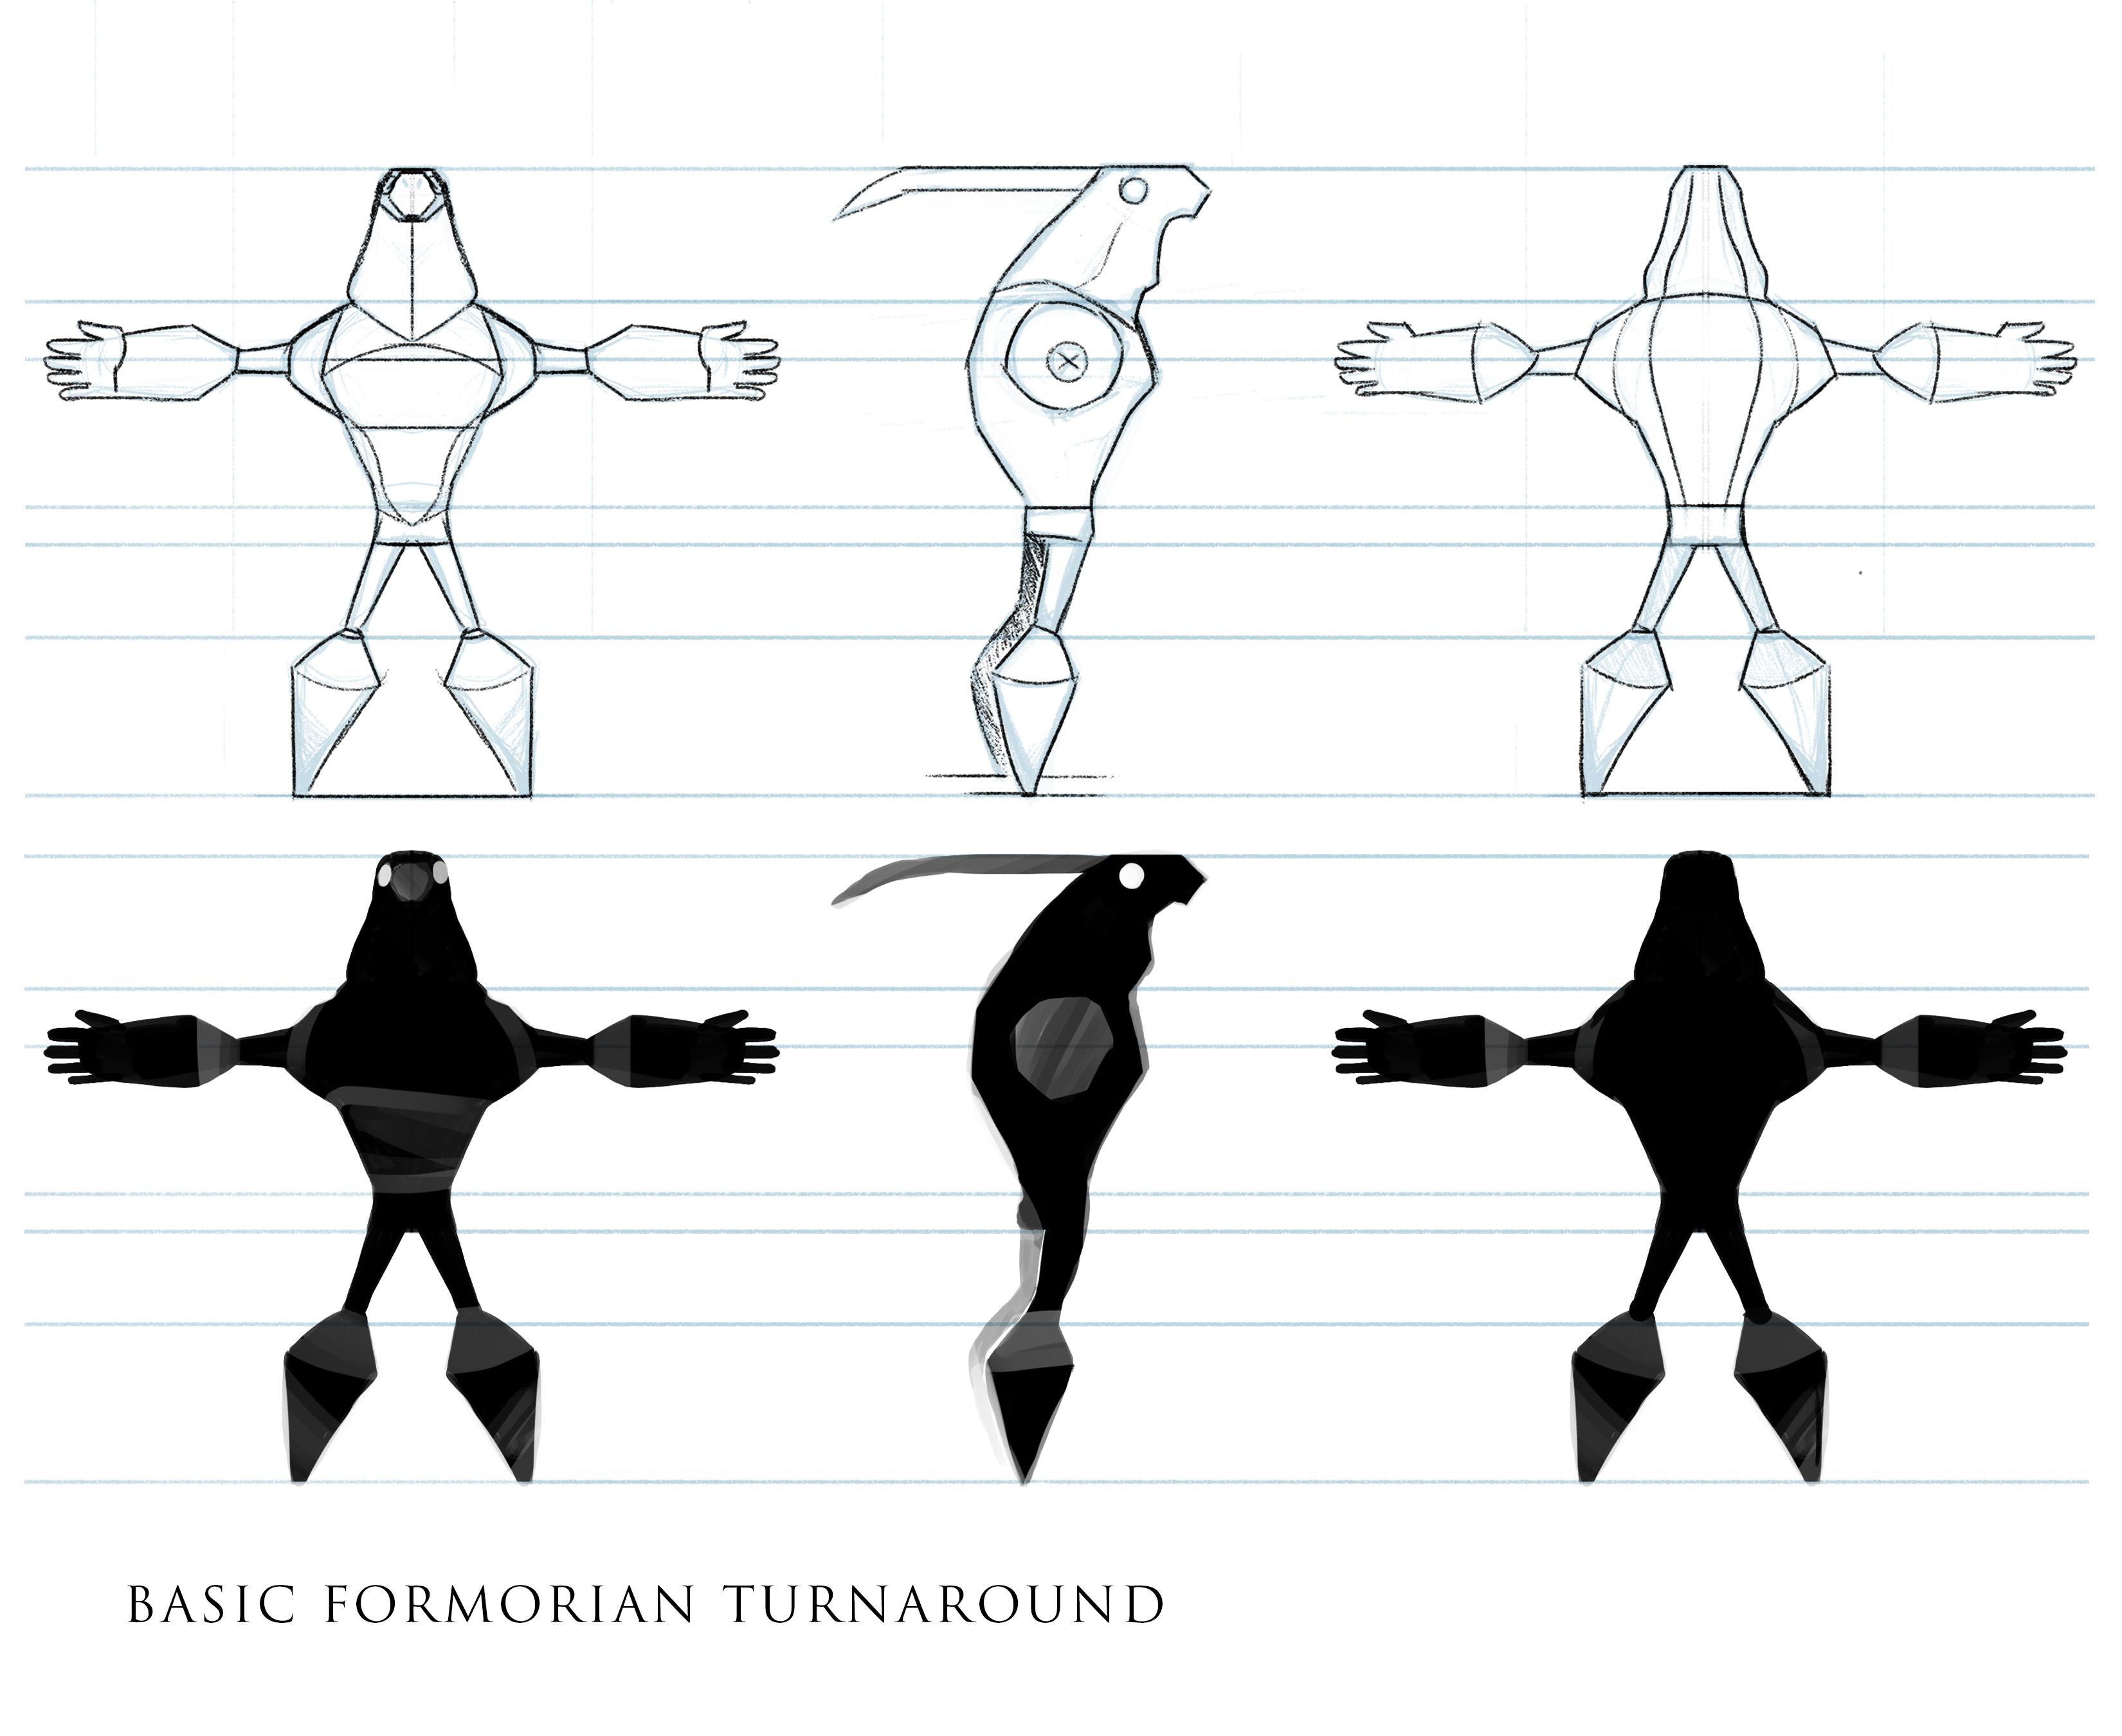 Final Formorian turnaround